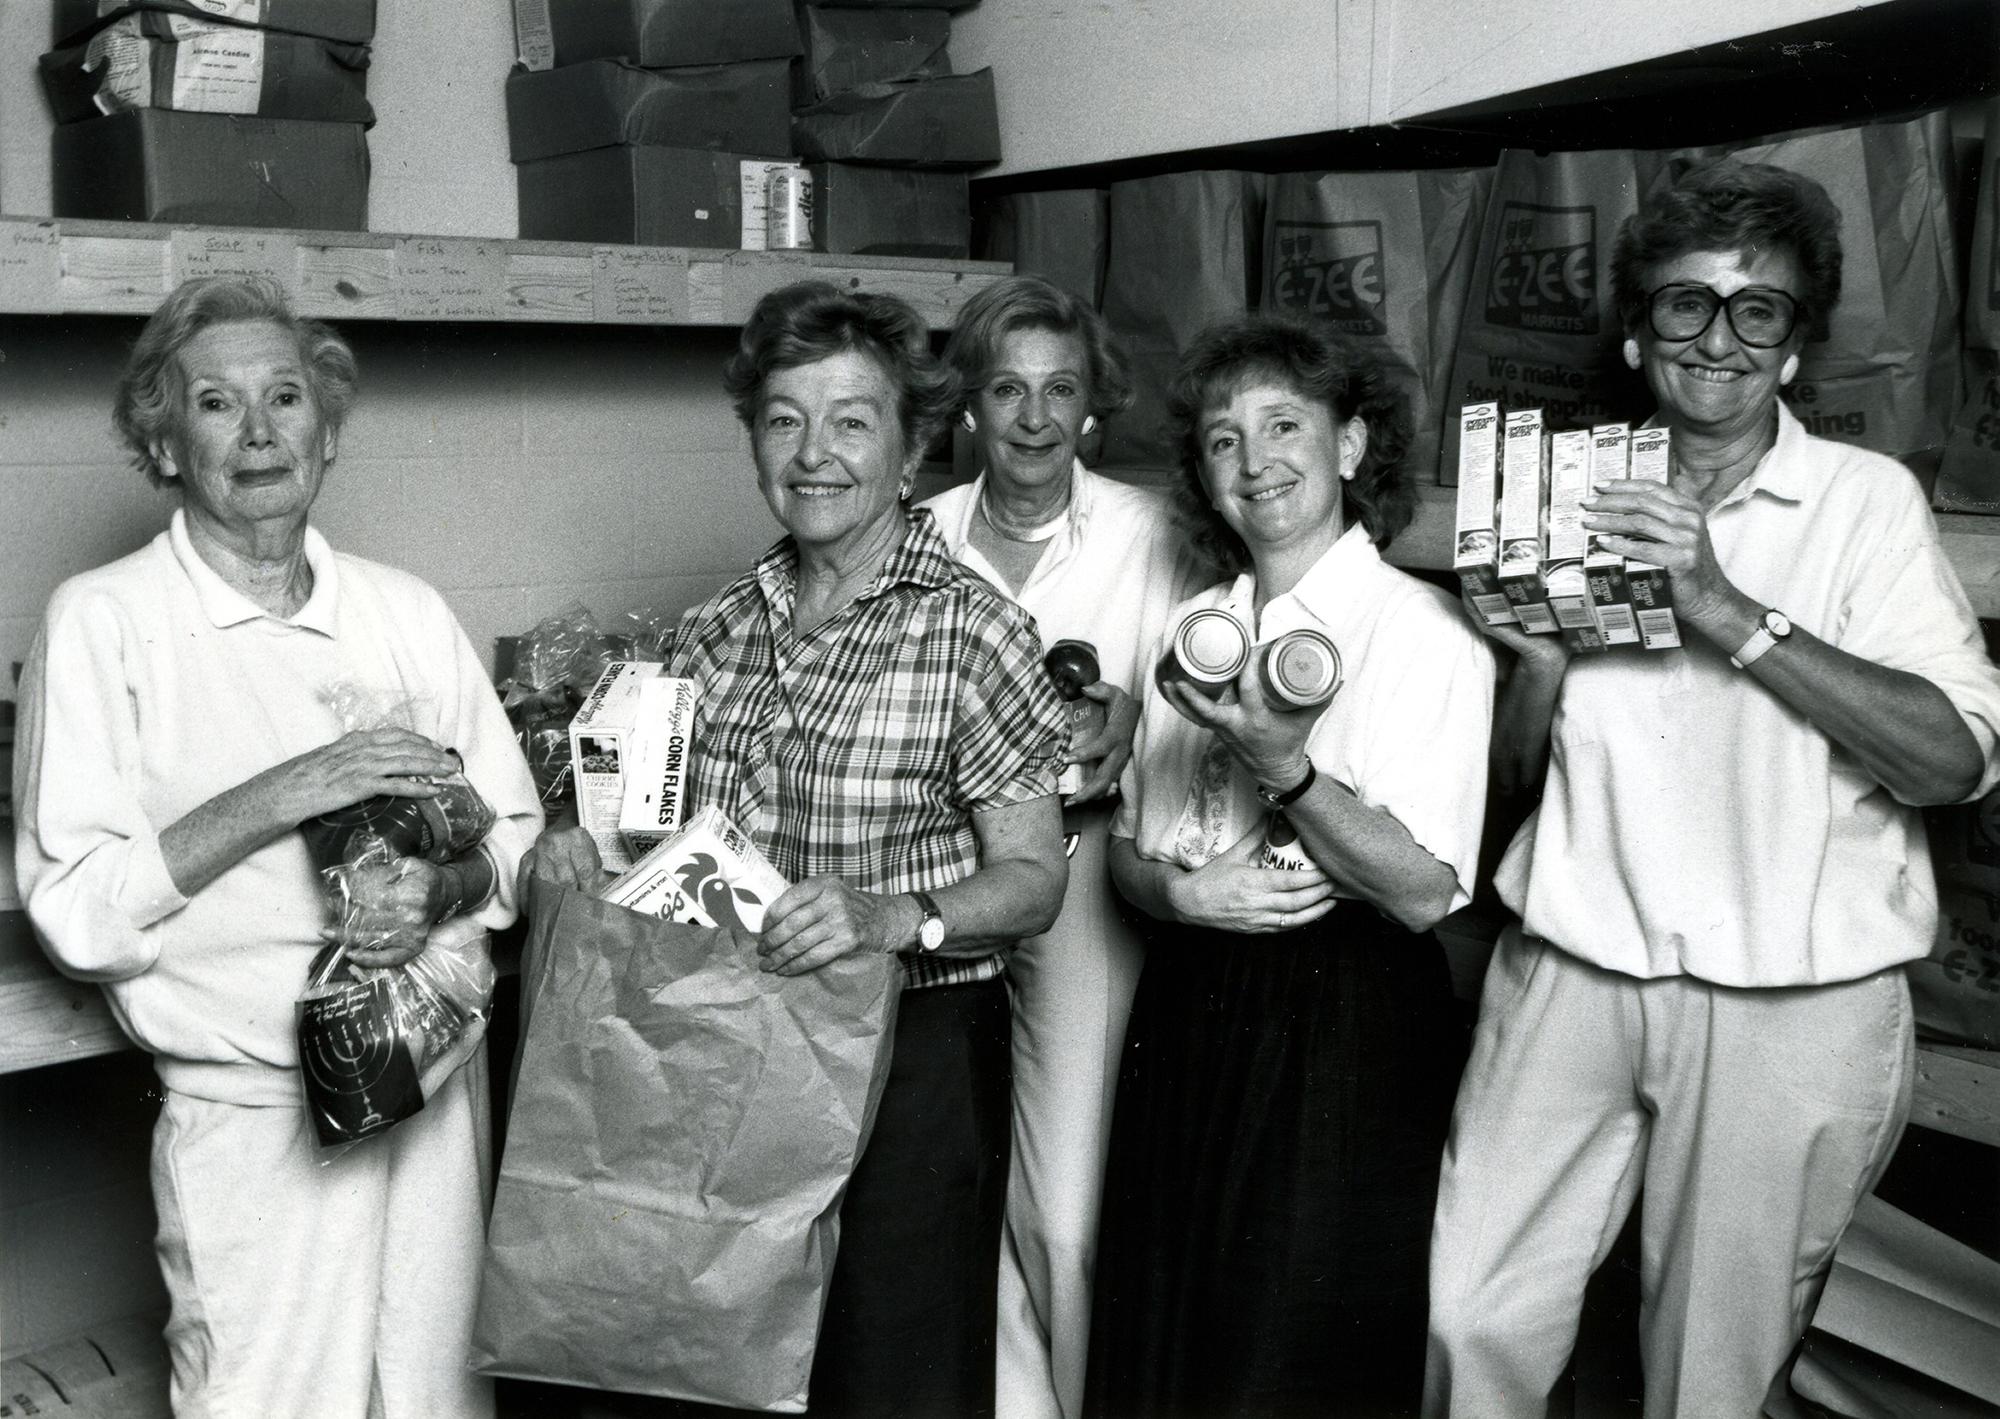 1982 image